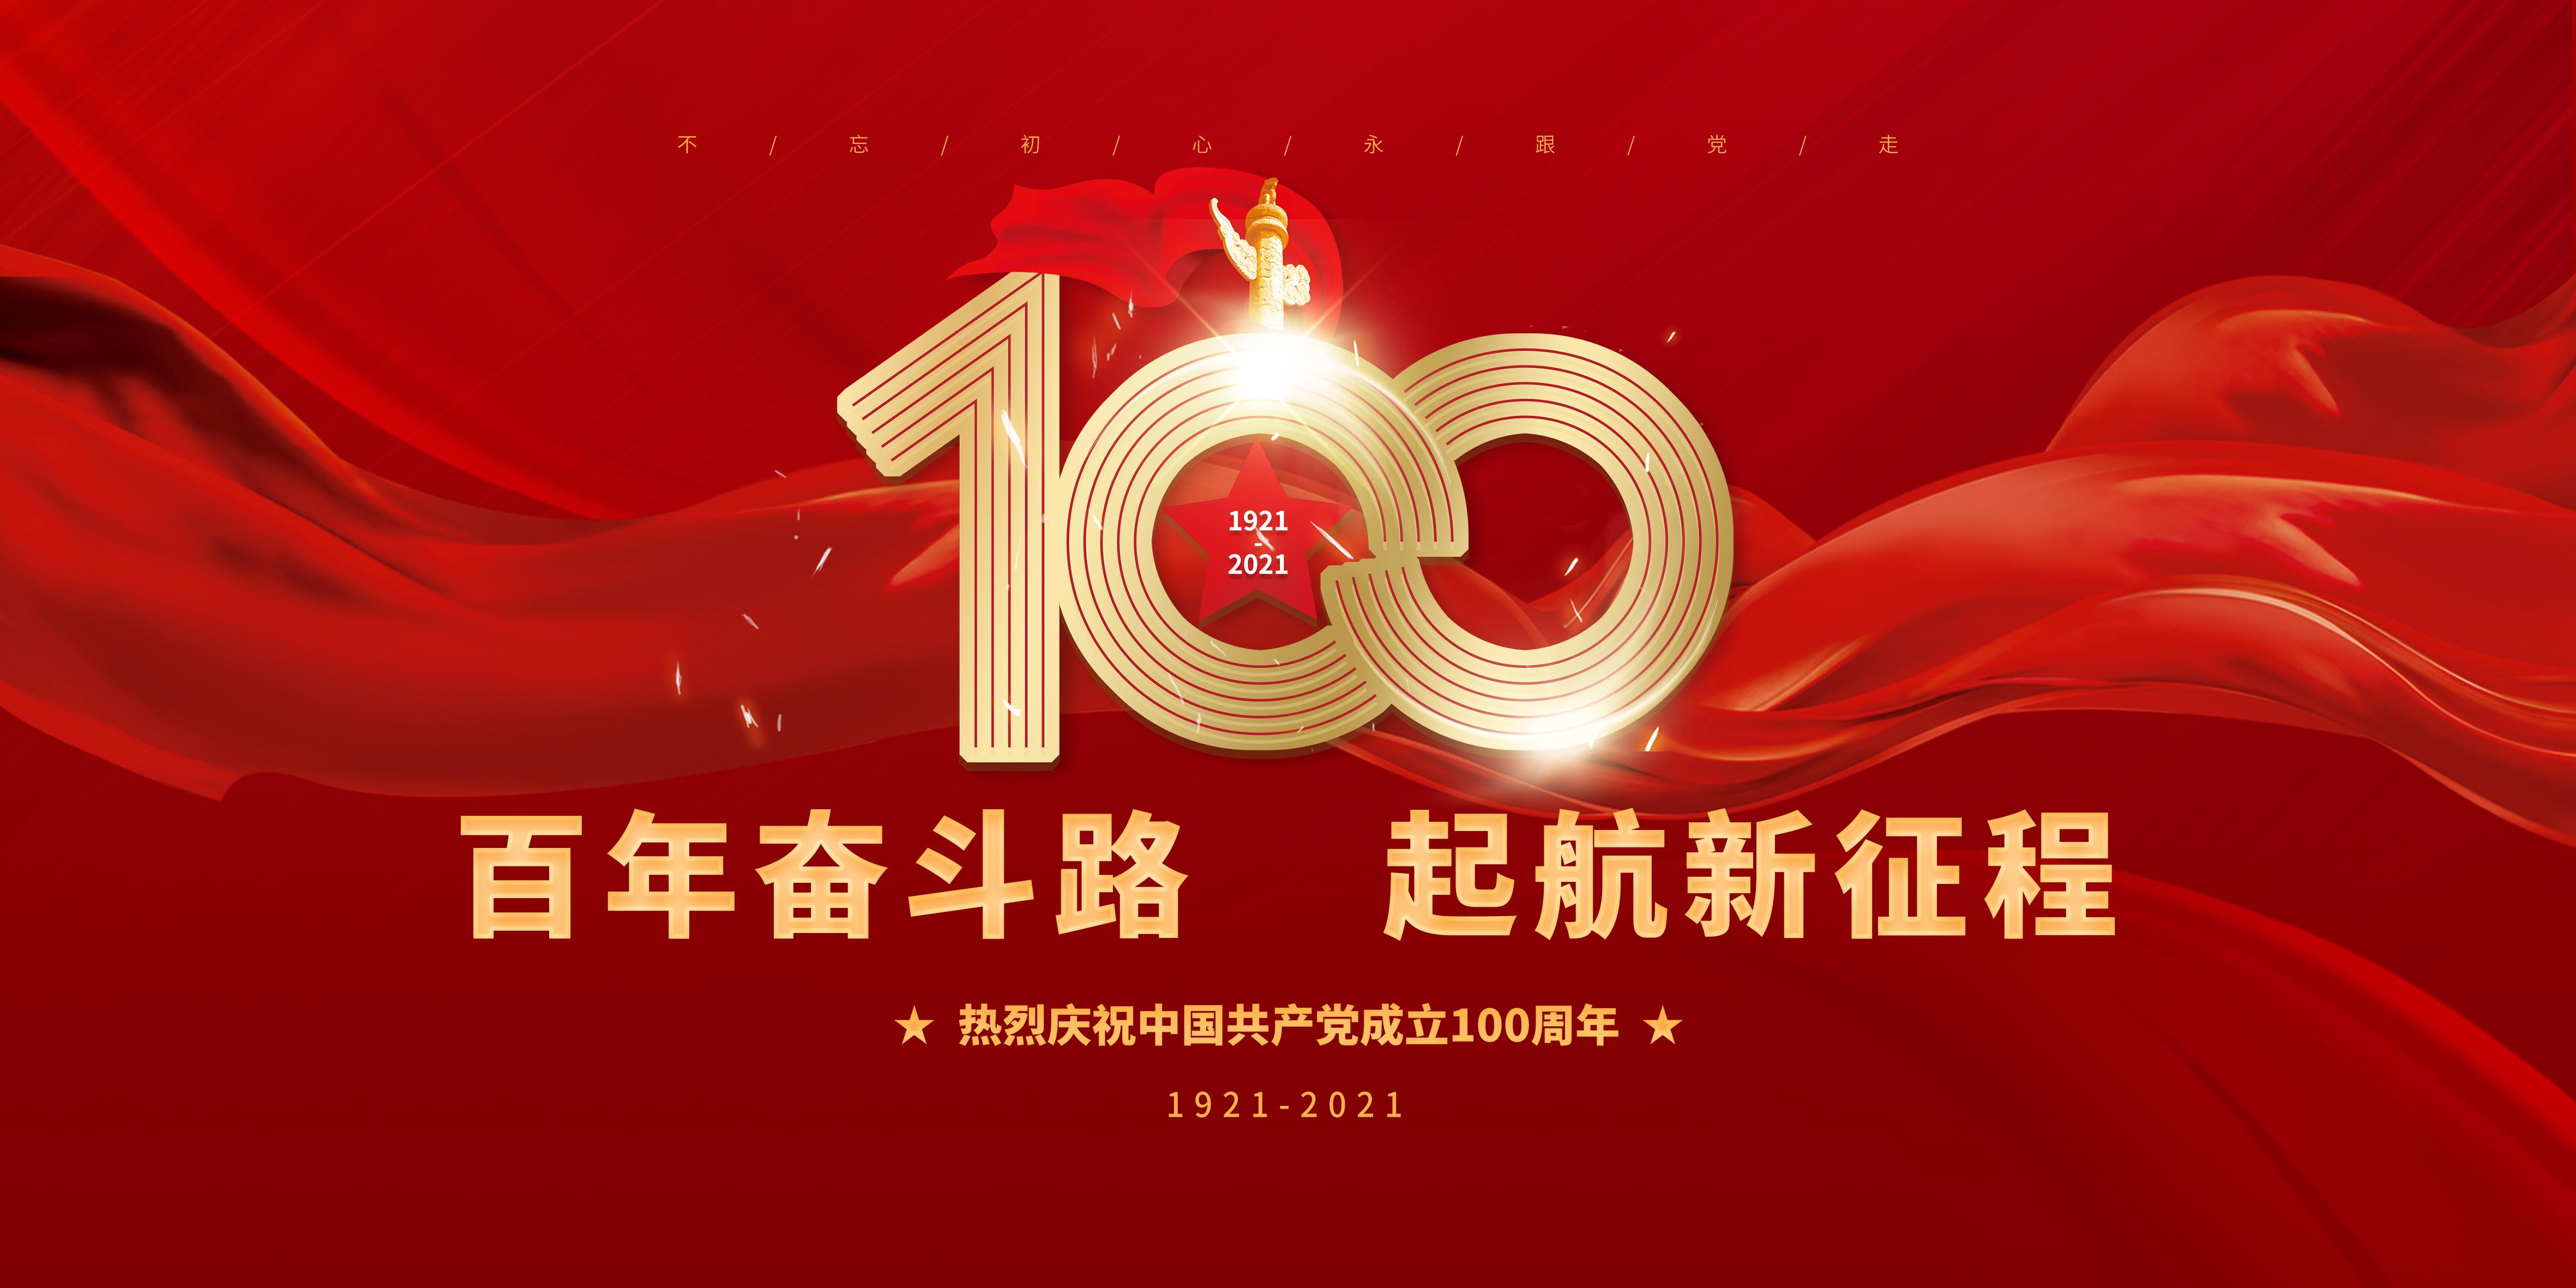 热烈庆贺中国共产党100周年华诞